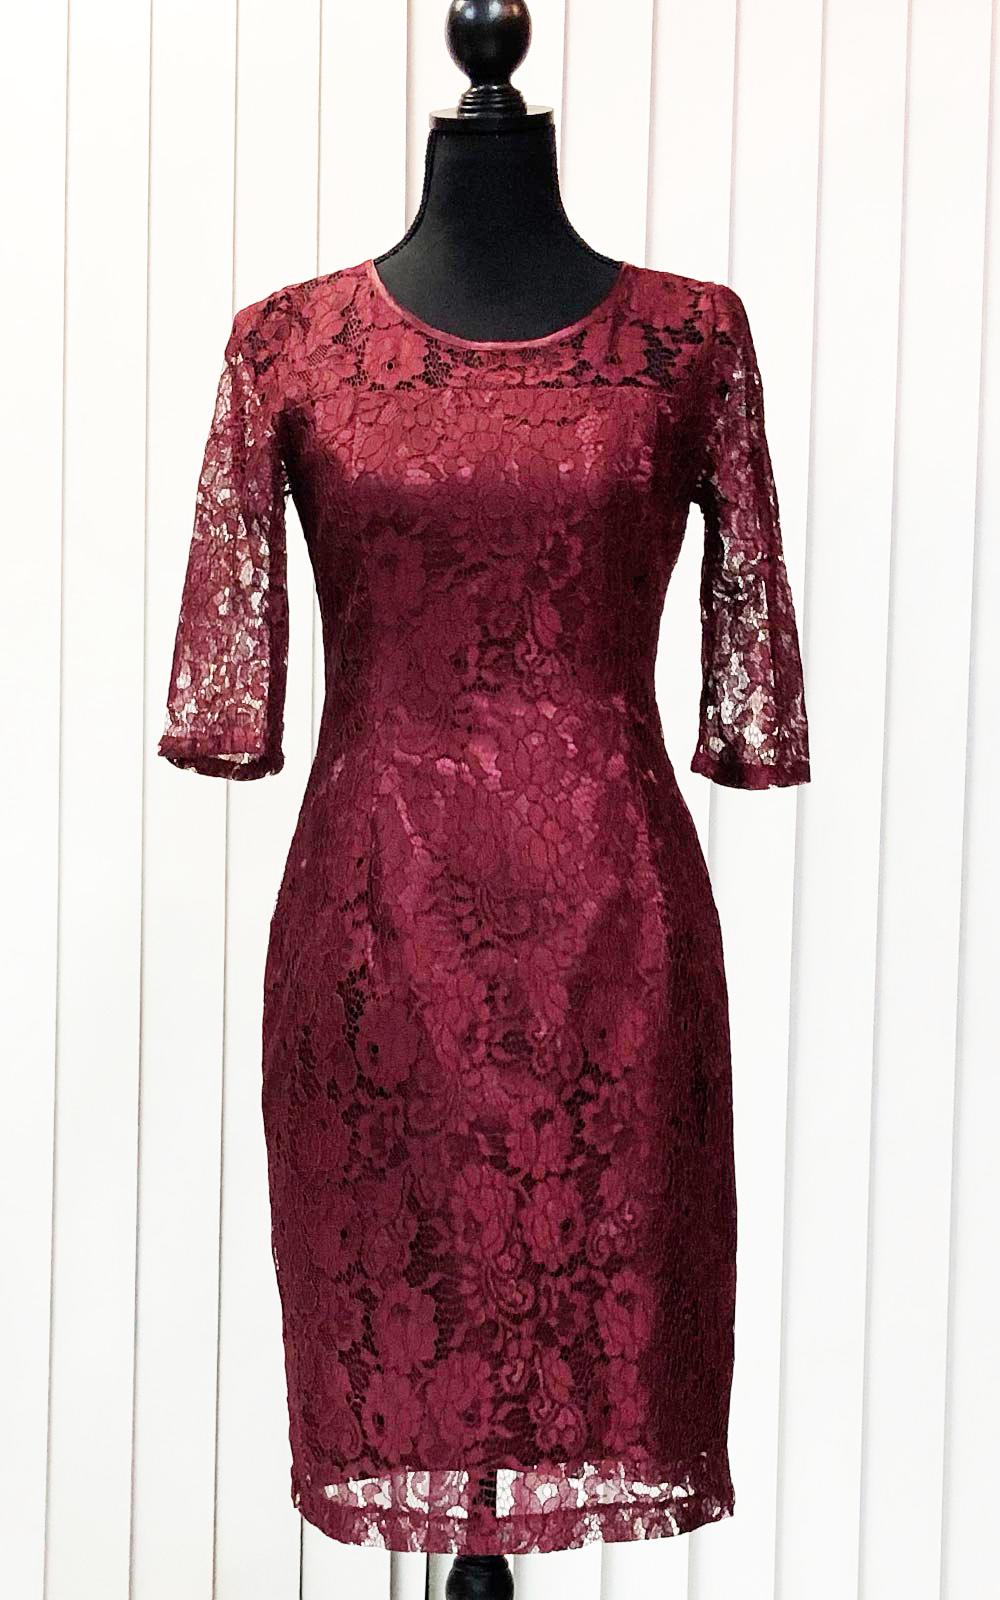 4月のドレス01-02-01